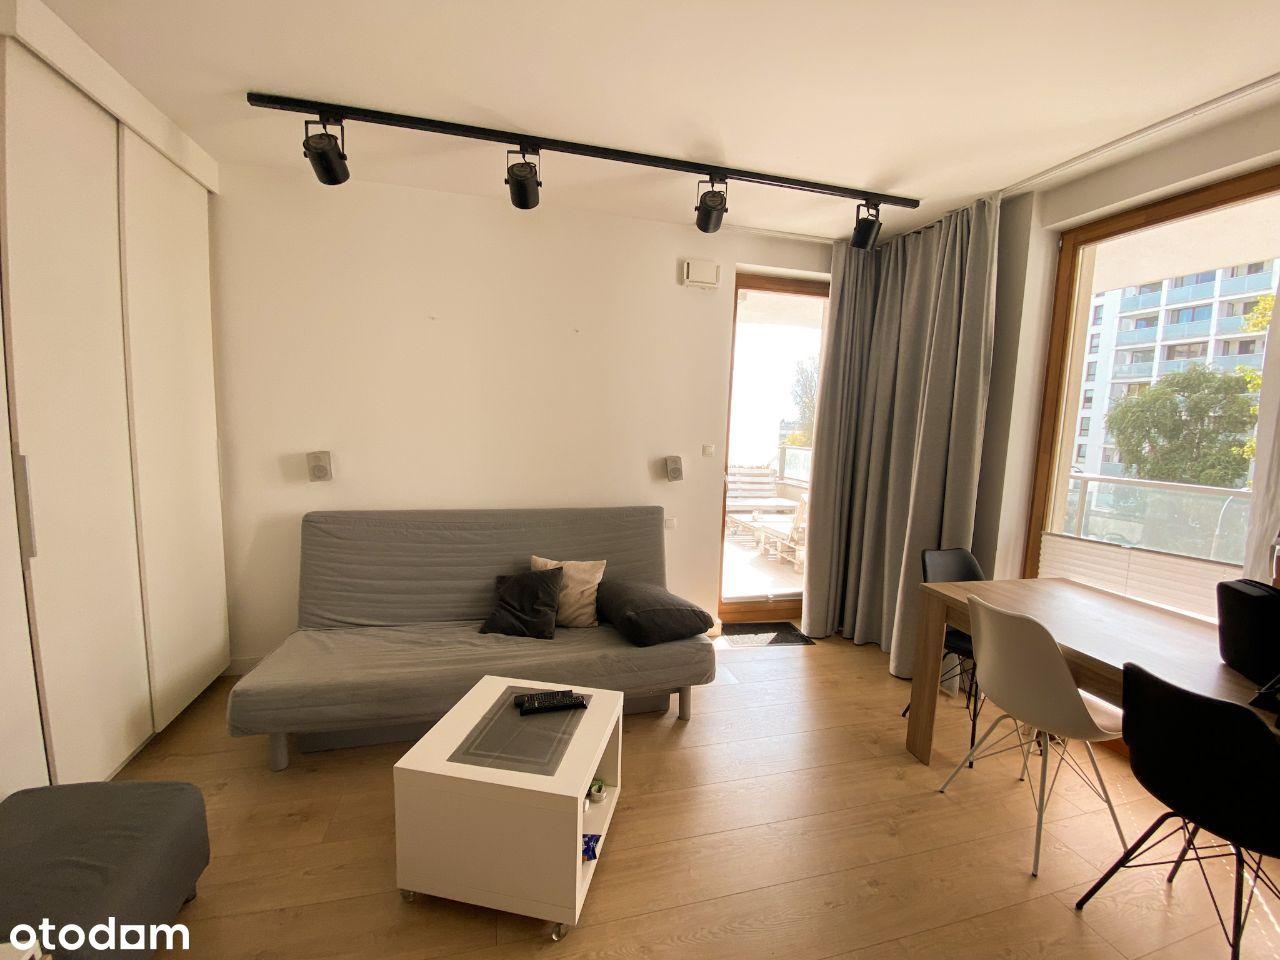 Mieszkanie 2 pokoje Bliska Wola, SUPER LOKALIZACJA